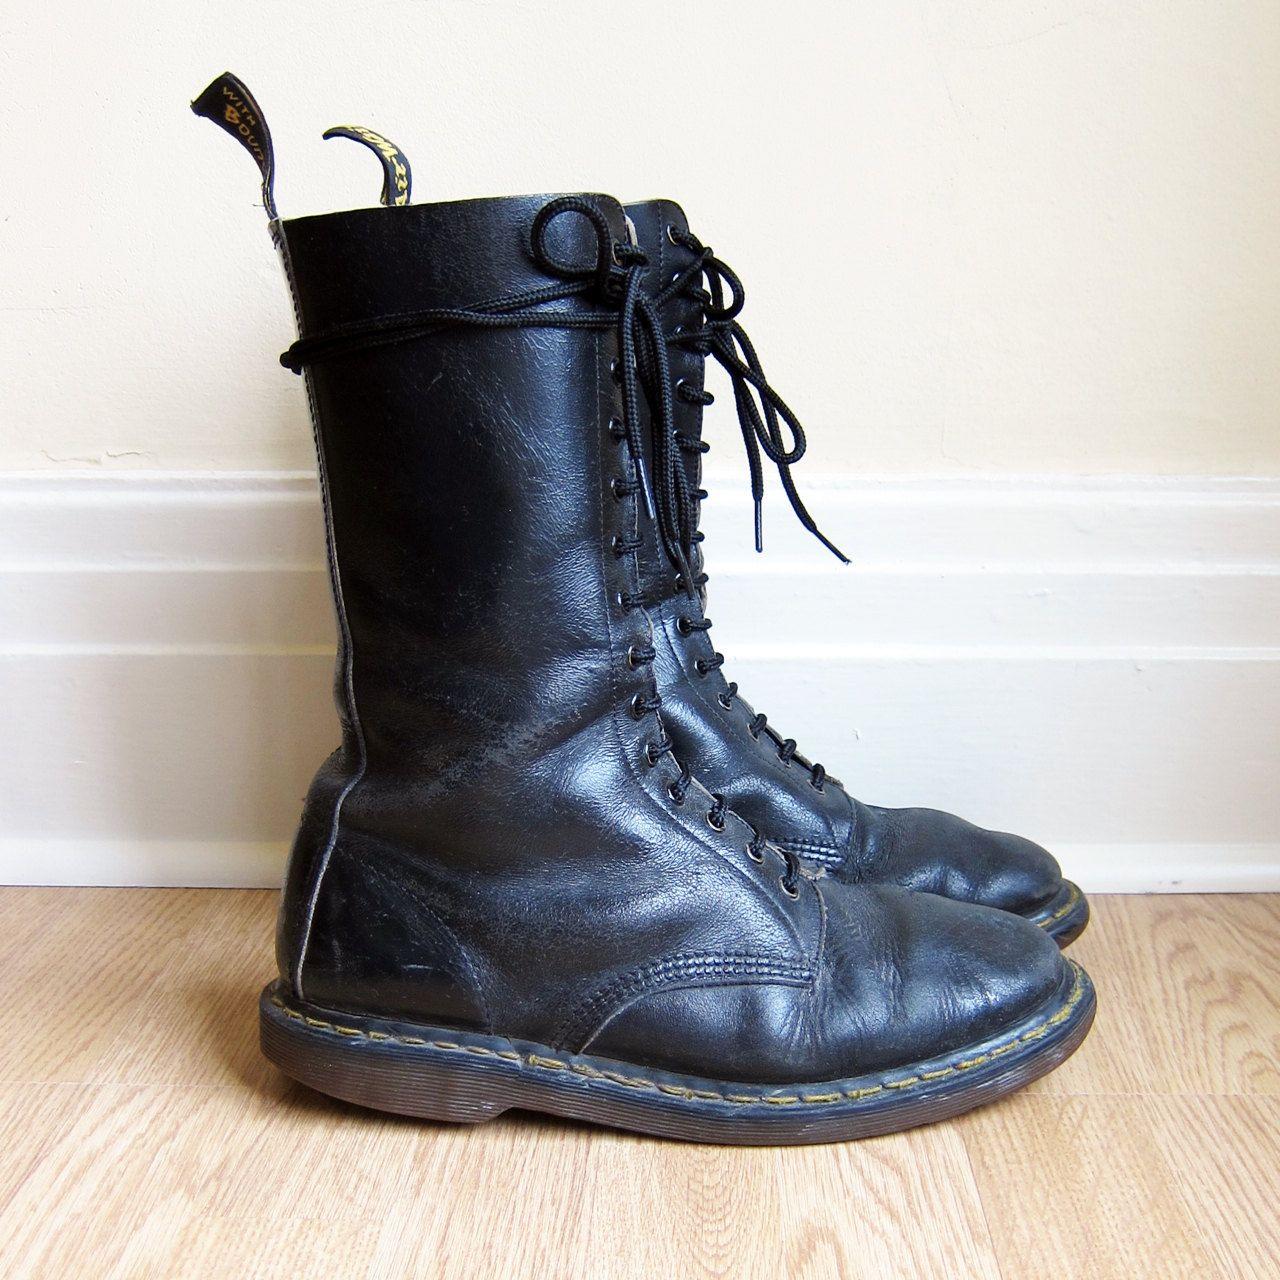 vintage 1990s shoes dr martens boots trashed beat up grunge doc martens size 10 5 or 11. Black Bedroom Furniture Sets. Home Design Ideas